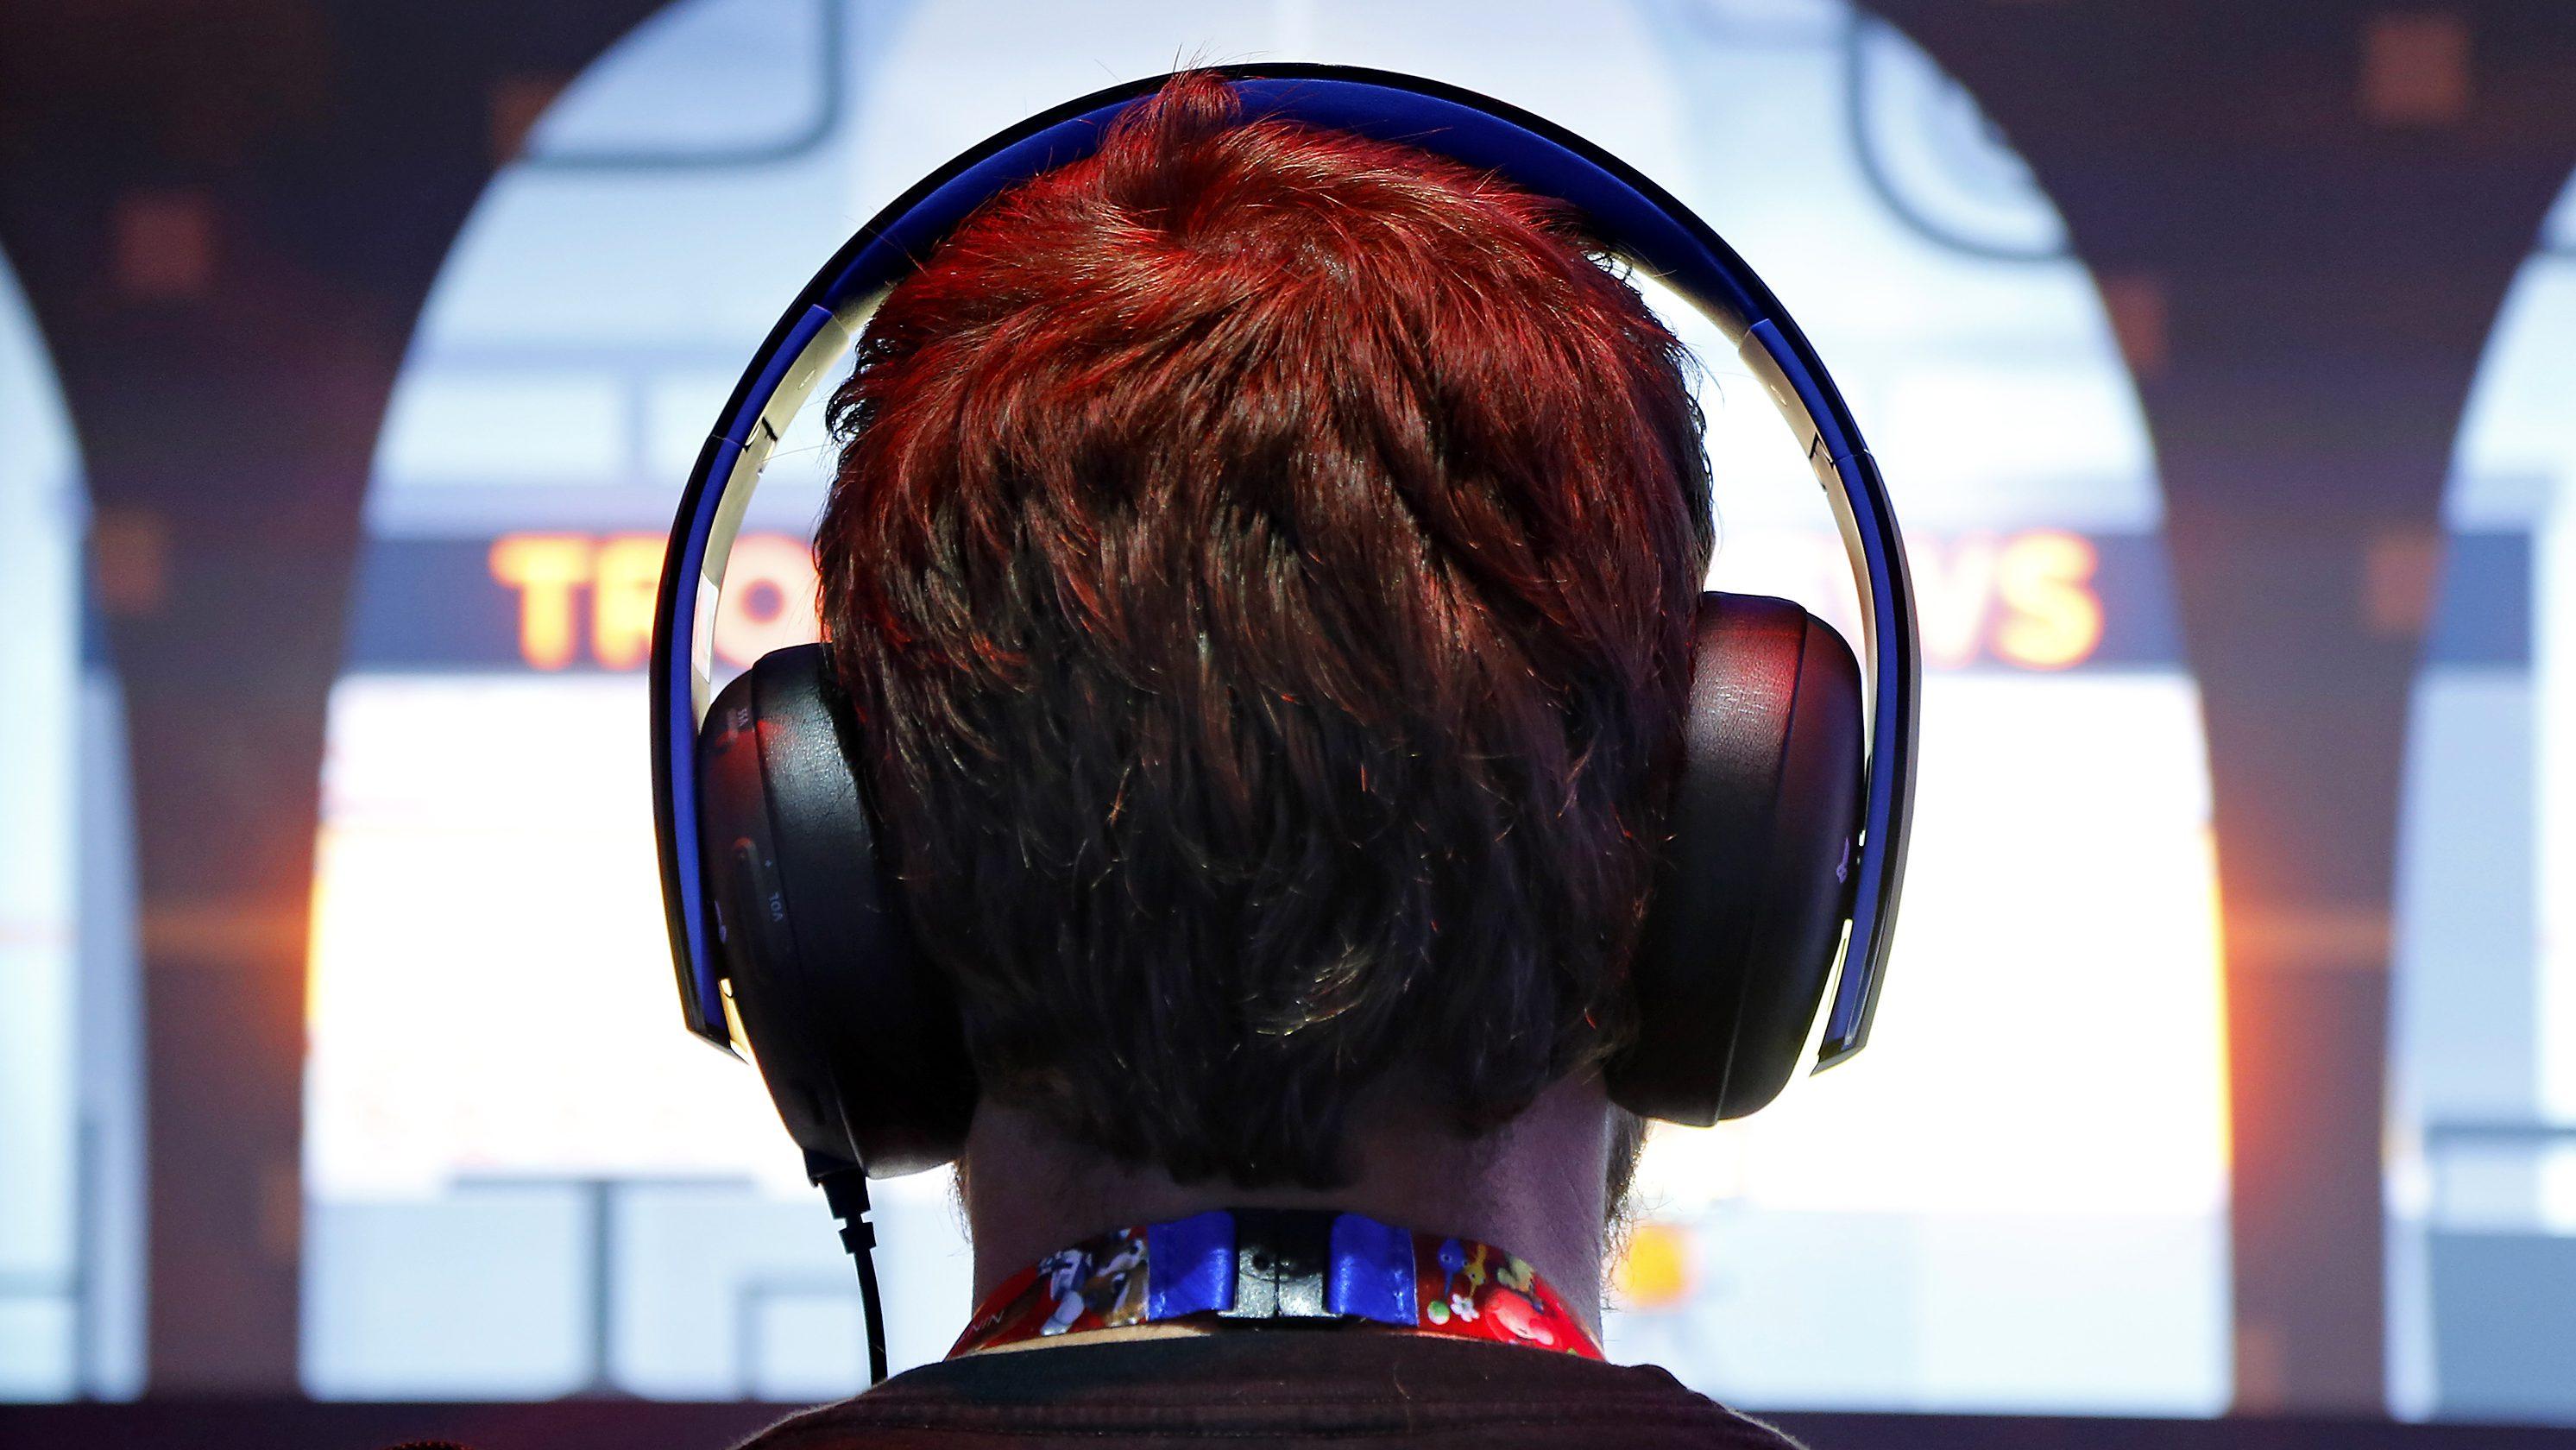 headphones noise